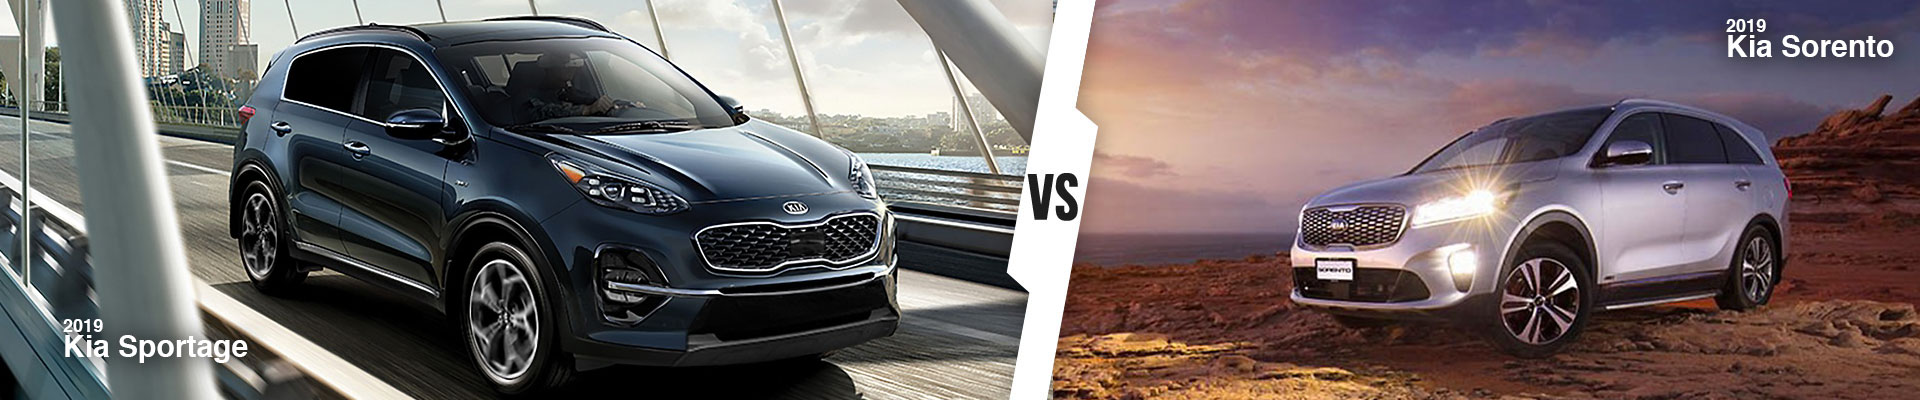 Kia SUV Comparison: 2019 Kia Sportage Versus 2019 Kia Sorento